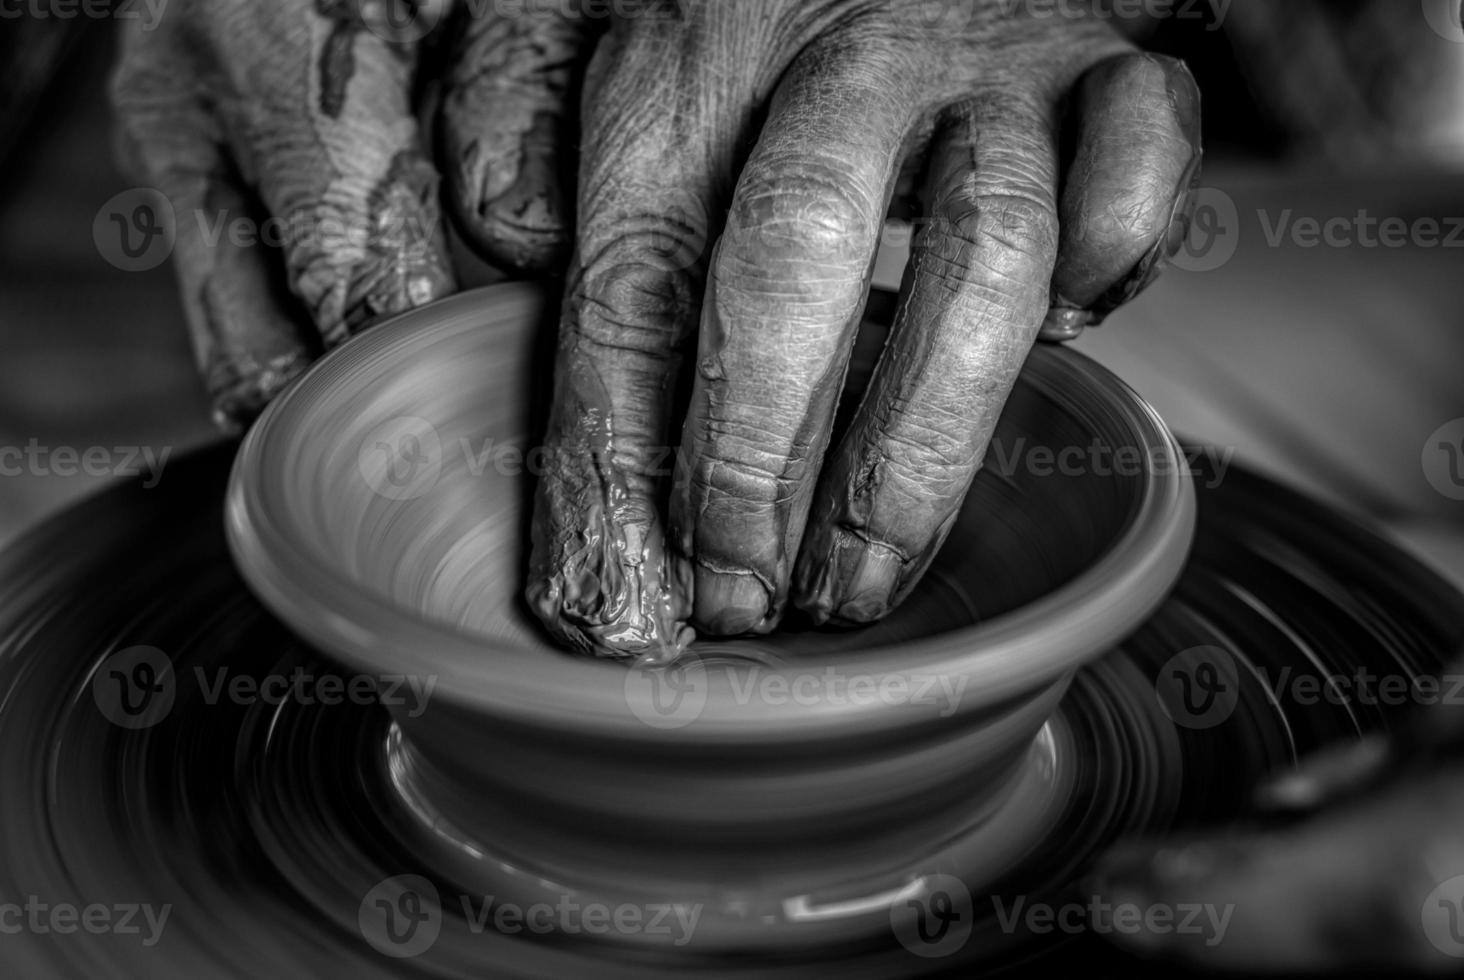 les mains sur le tour de potier photo